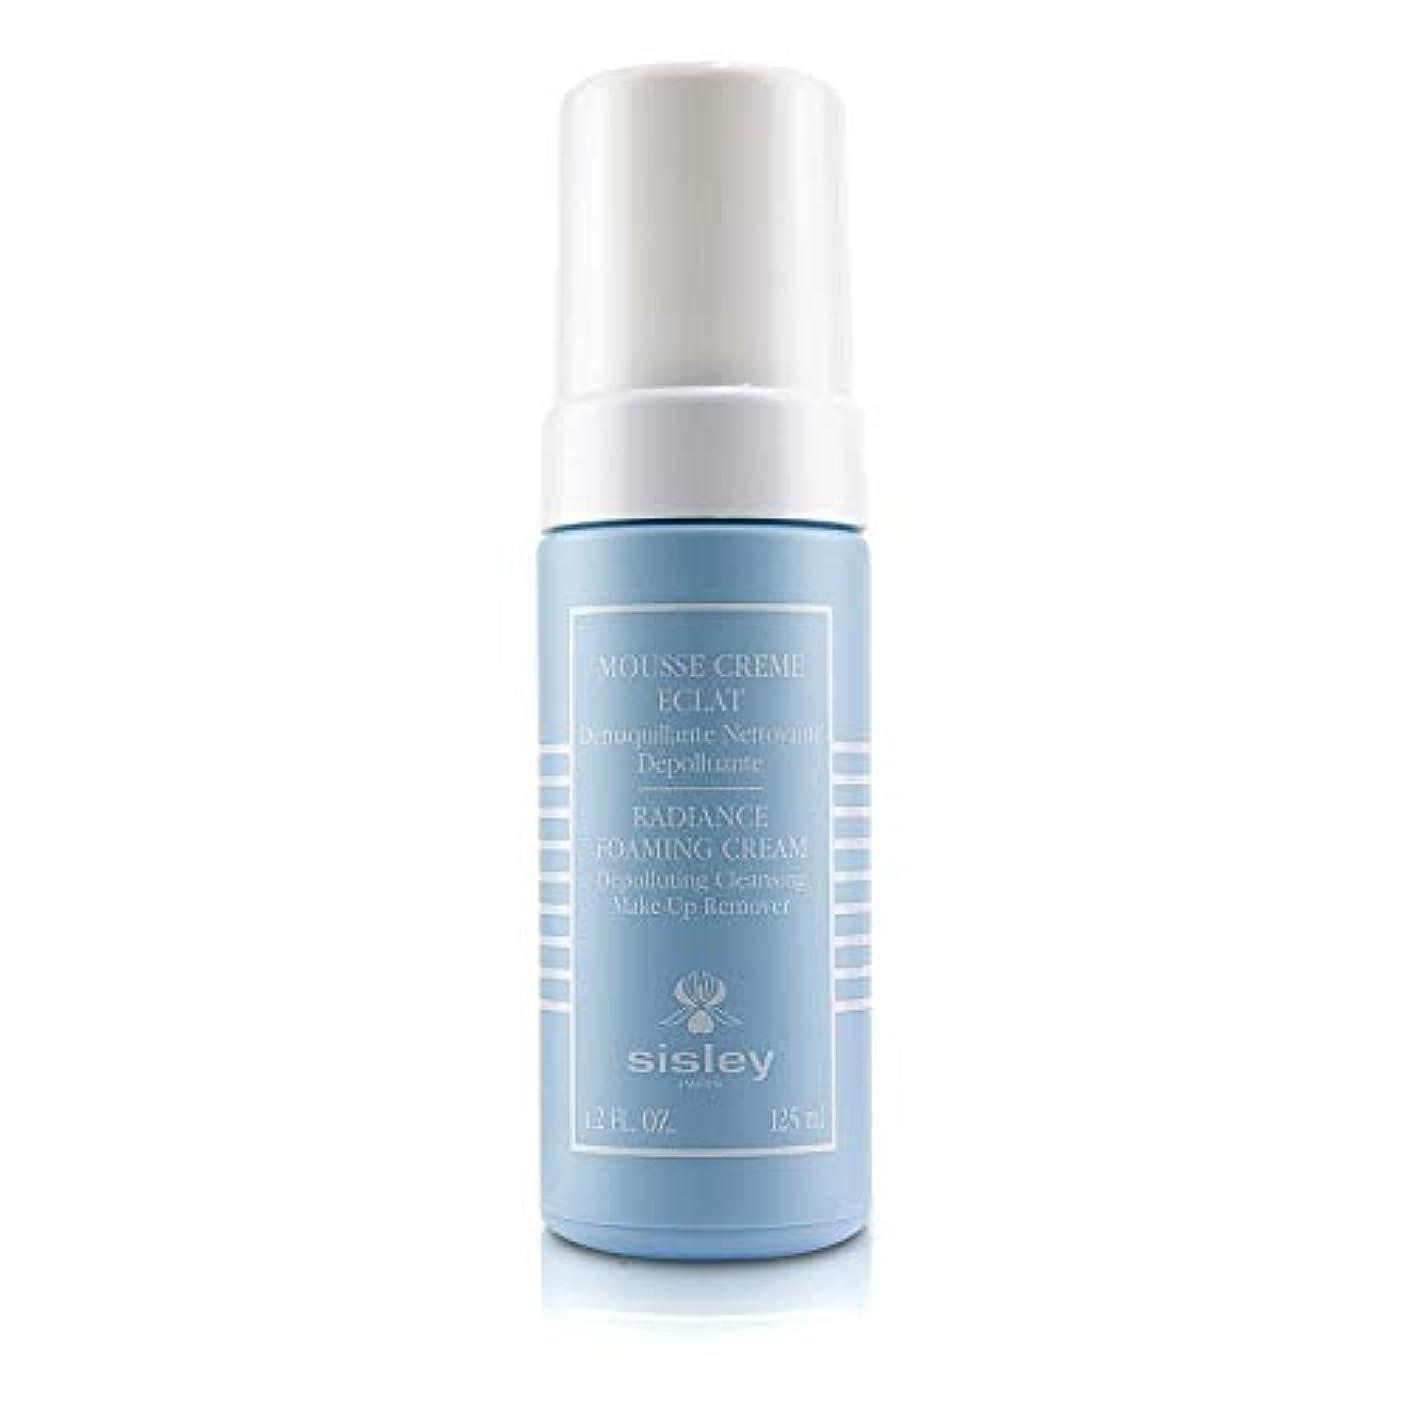 コンプライアンス神経衰弱通知シスレー Radiance Foaming Cream Depolluting Cleansing Make-Up Remover 125ml/4.2oz並行輸入品